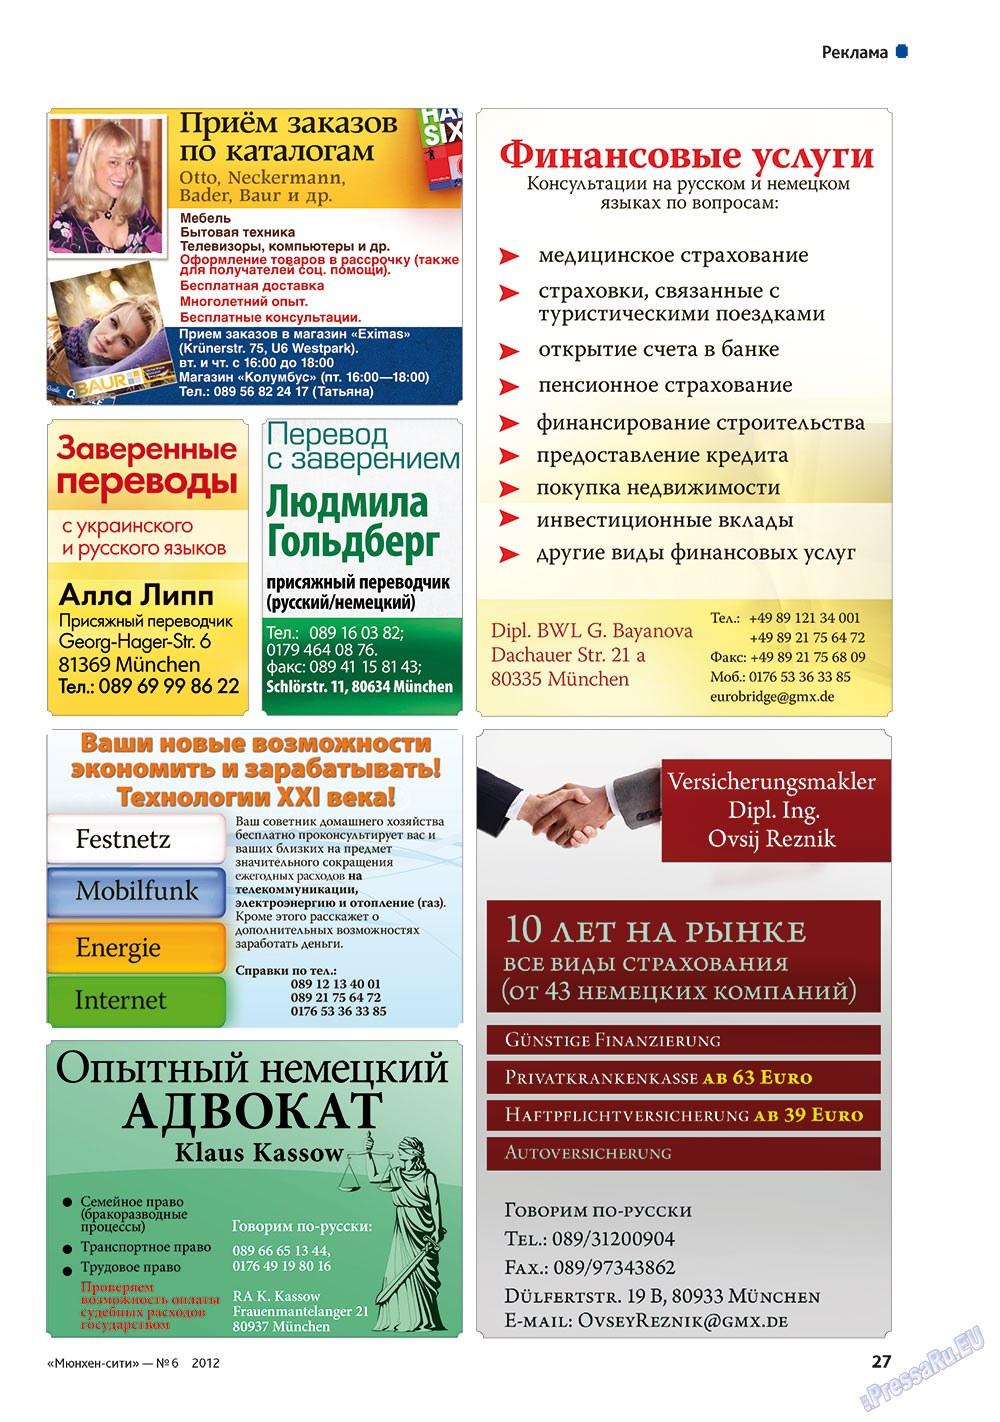 Мюнхен-сити (журнал). 2012 год, номер 6, стр. 27